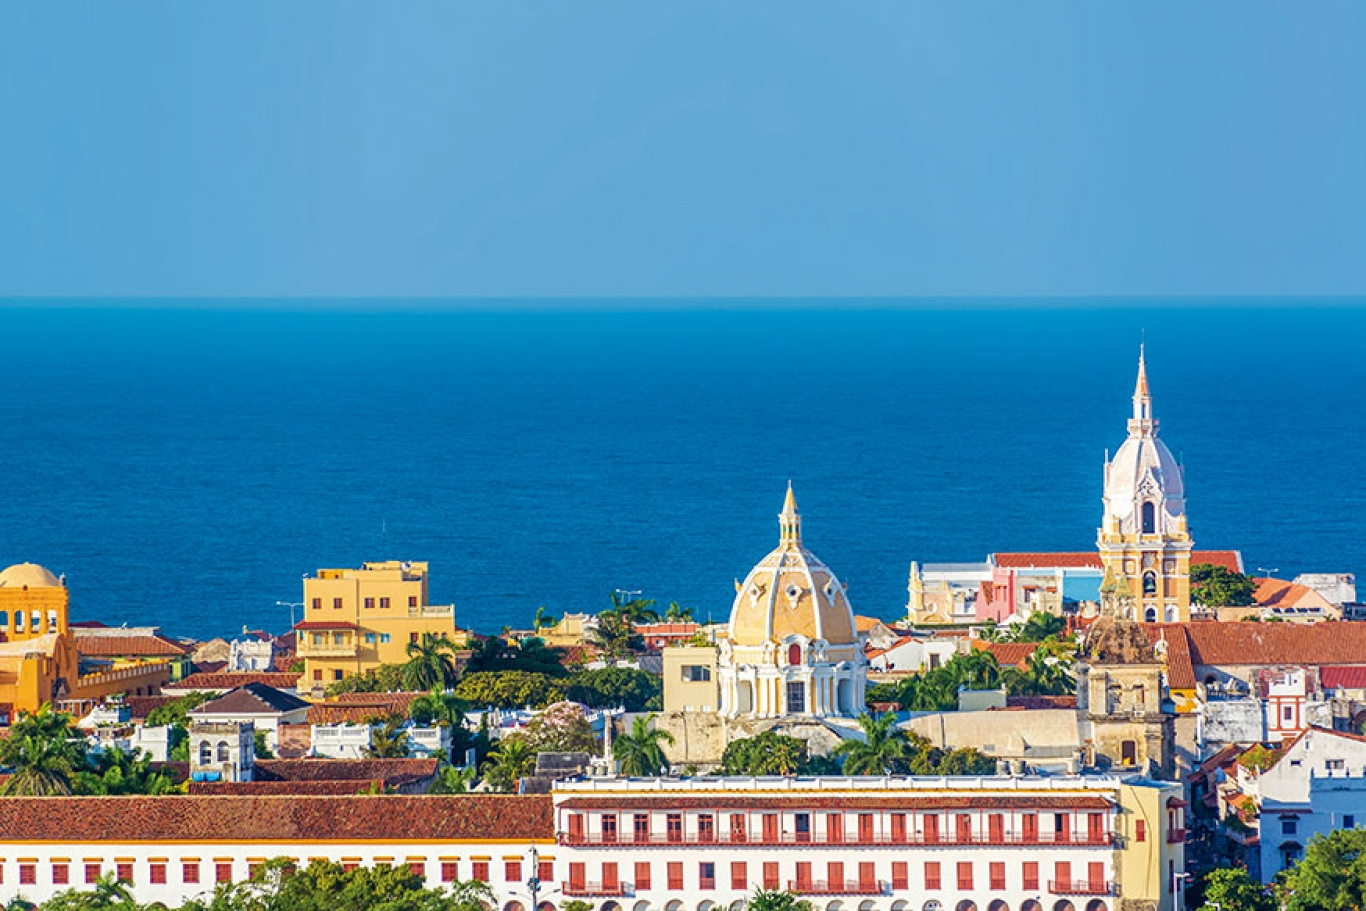 Cartagena & Crucero por el Caribe (Jamaica, Gran Caimán, Costa Rica y Panamá) - Smart Travel